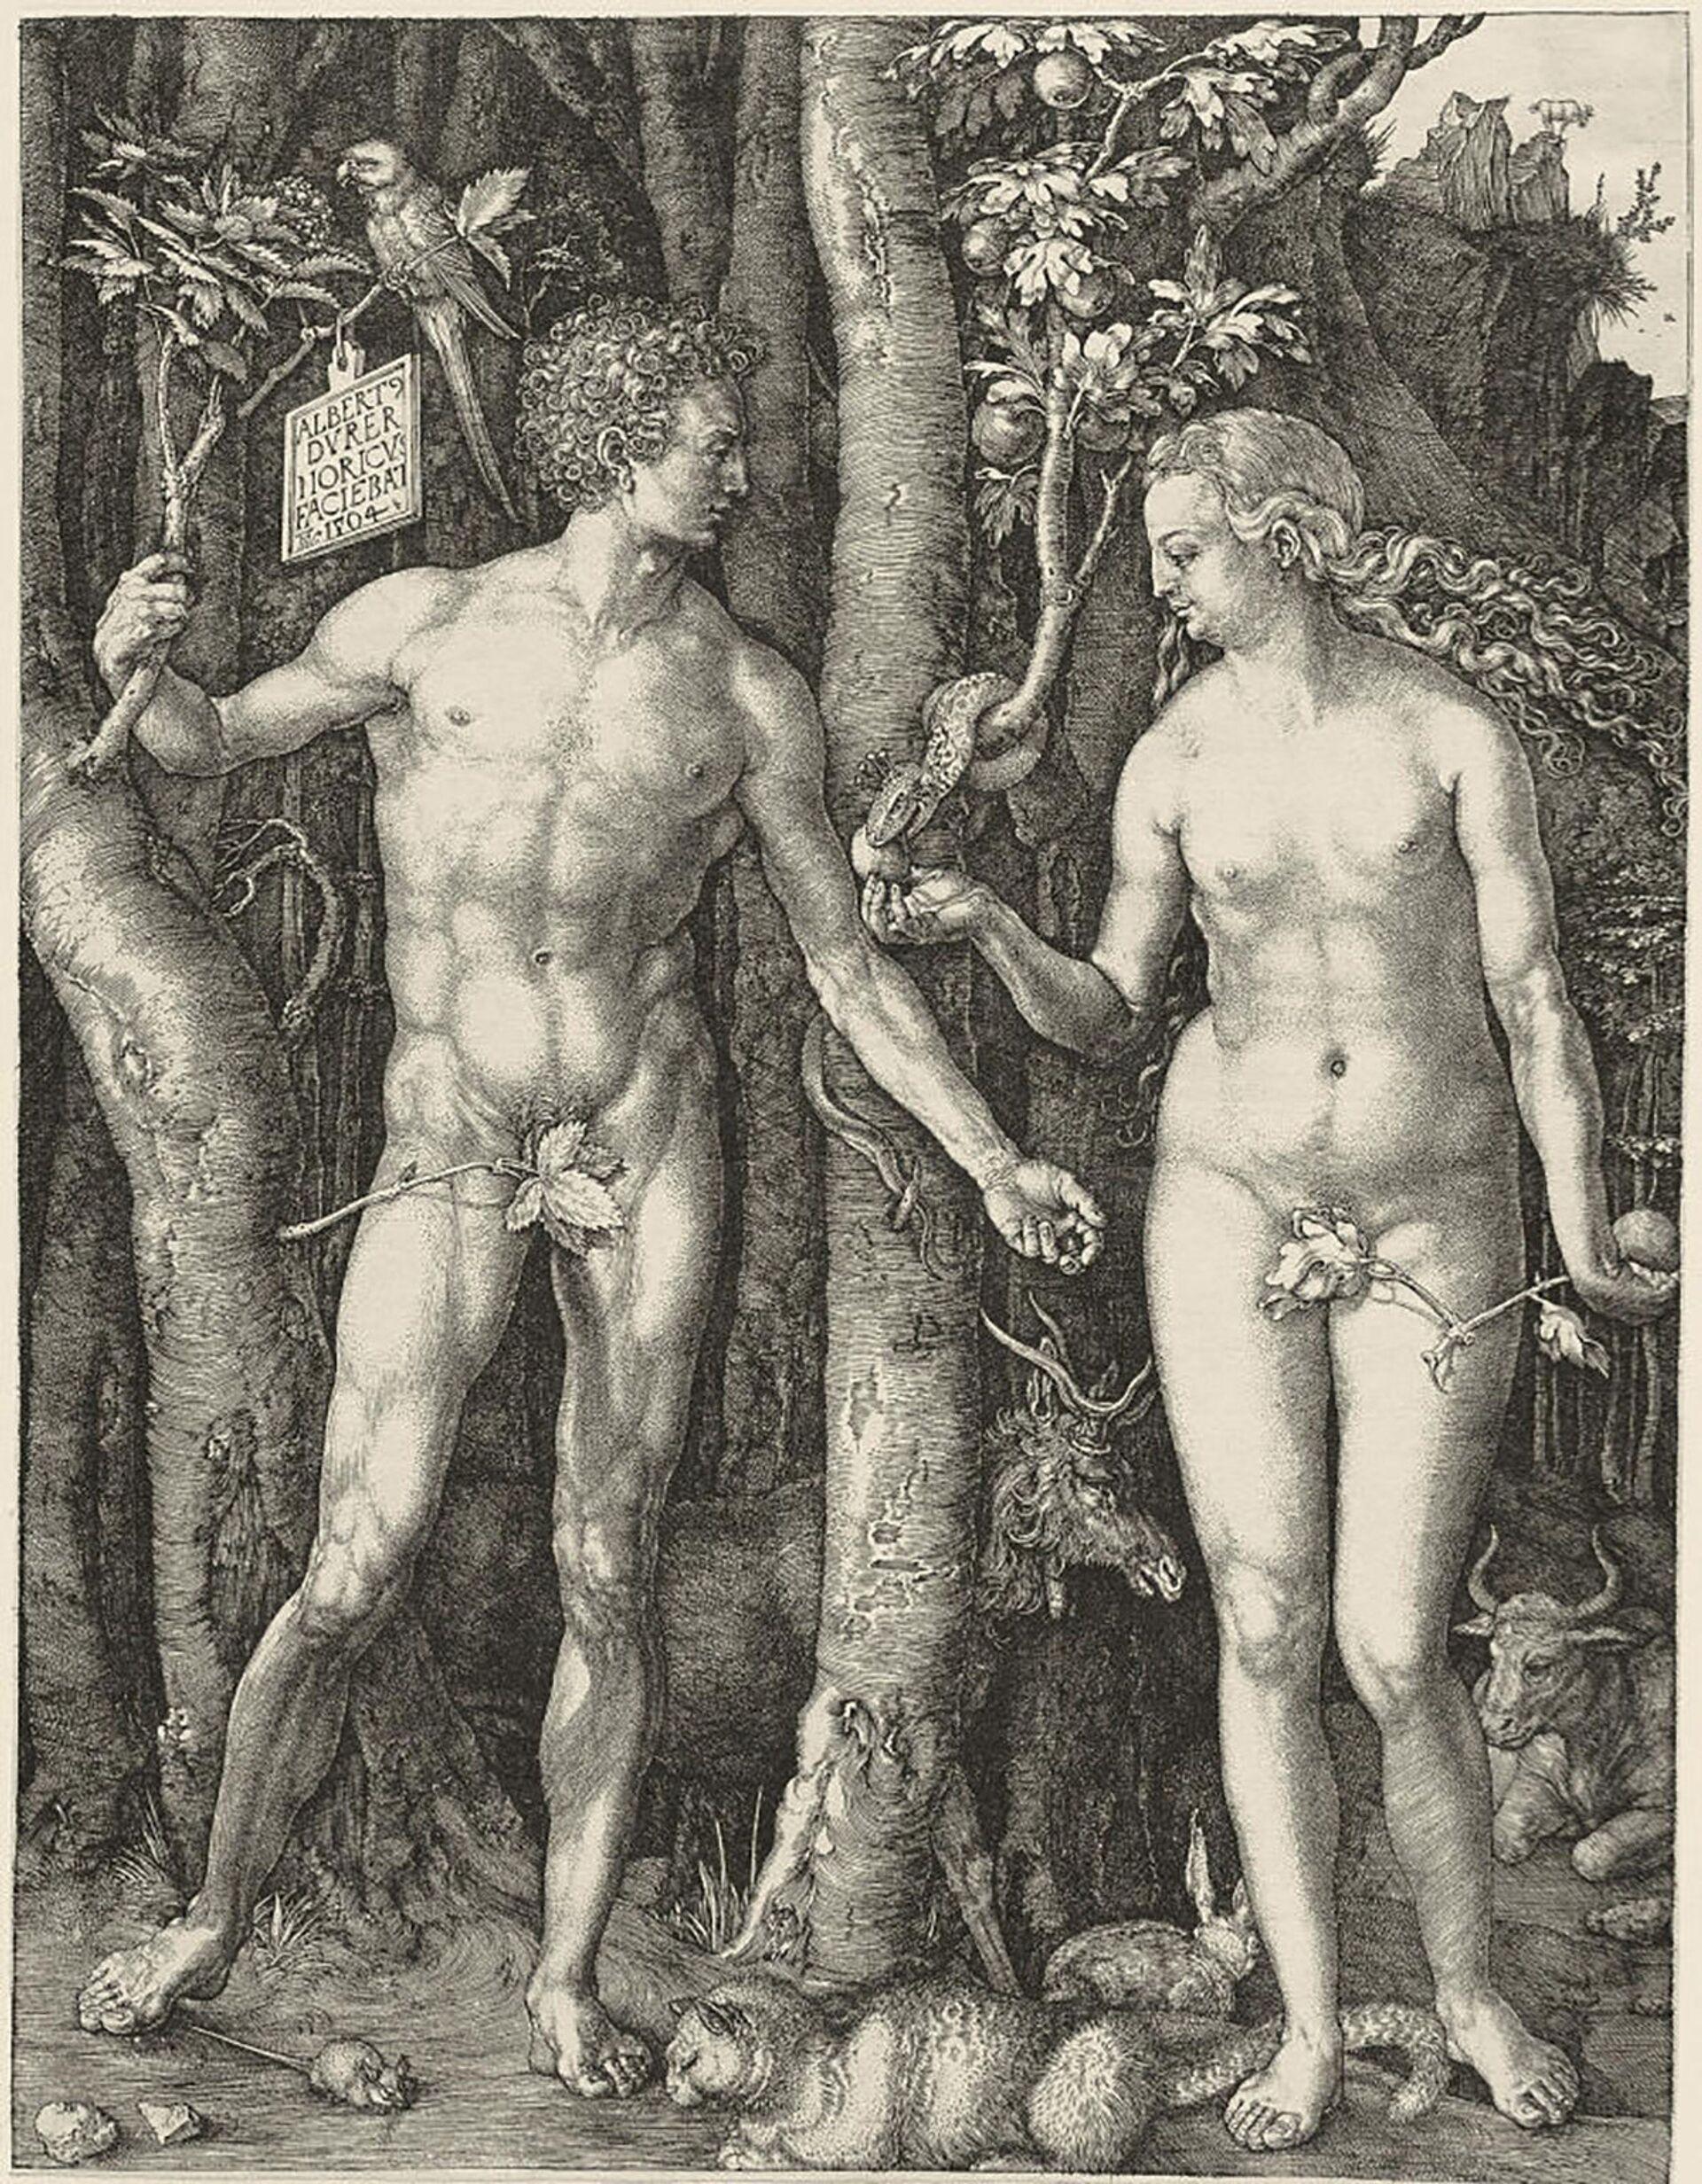 Peccato originale, un'incisione di Albrecht Dürer, firmata e datata 1504 - Sputnik Italia, 1920, 18.05.2021